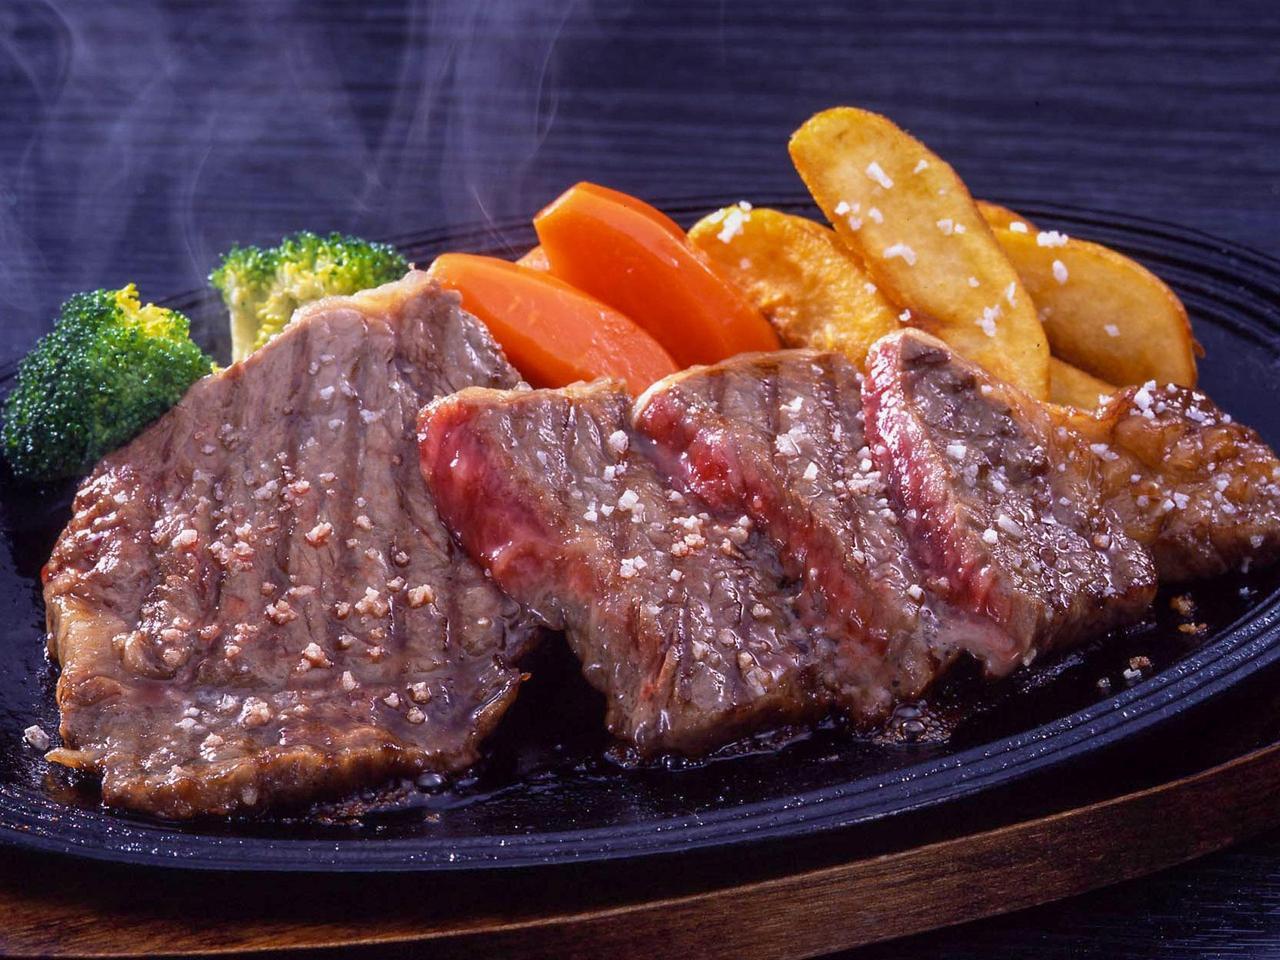 お肉にひとふり!グルメのための「天海のカリッとふり塩」|赤穂化成株式会社